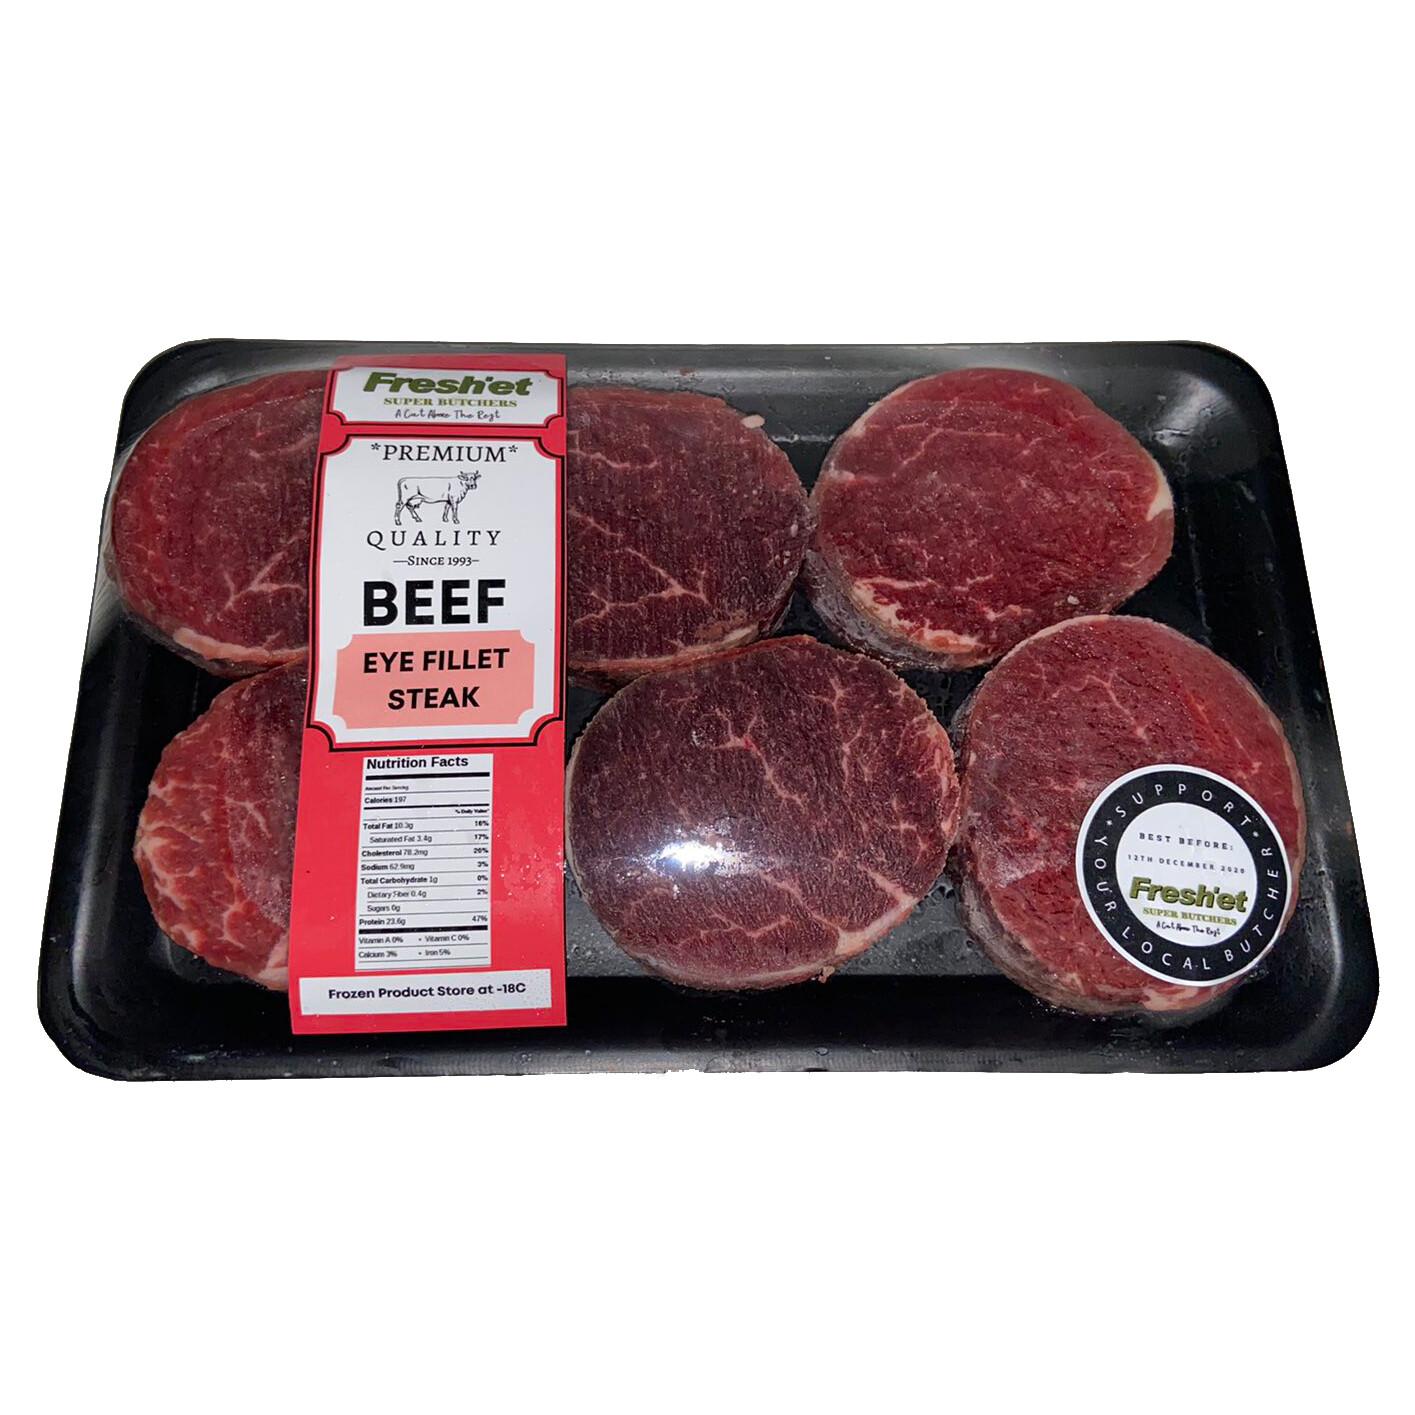 BEEF Eye Fillet Steak - 1kg